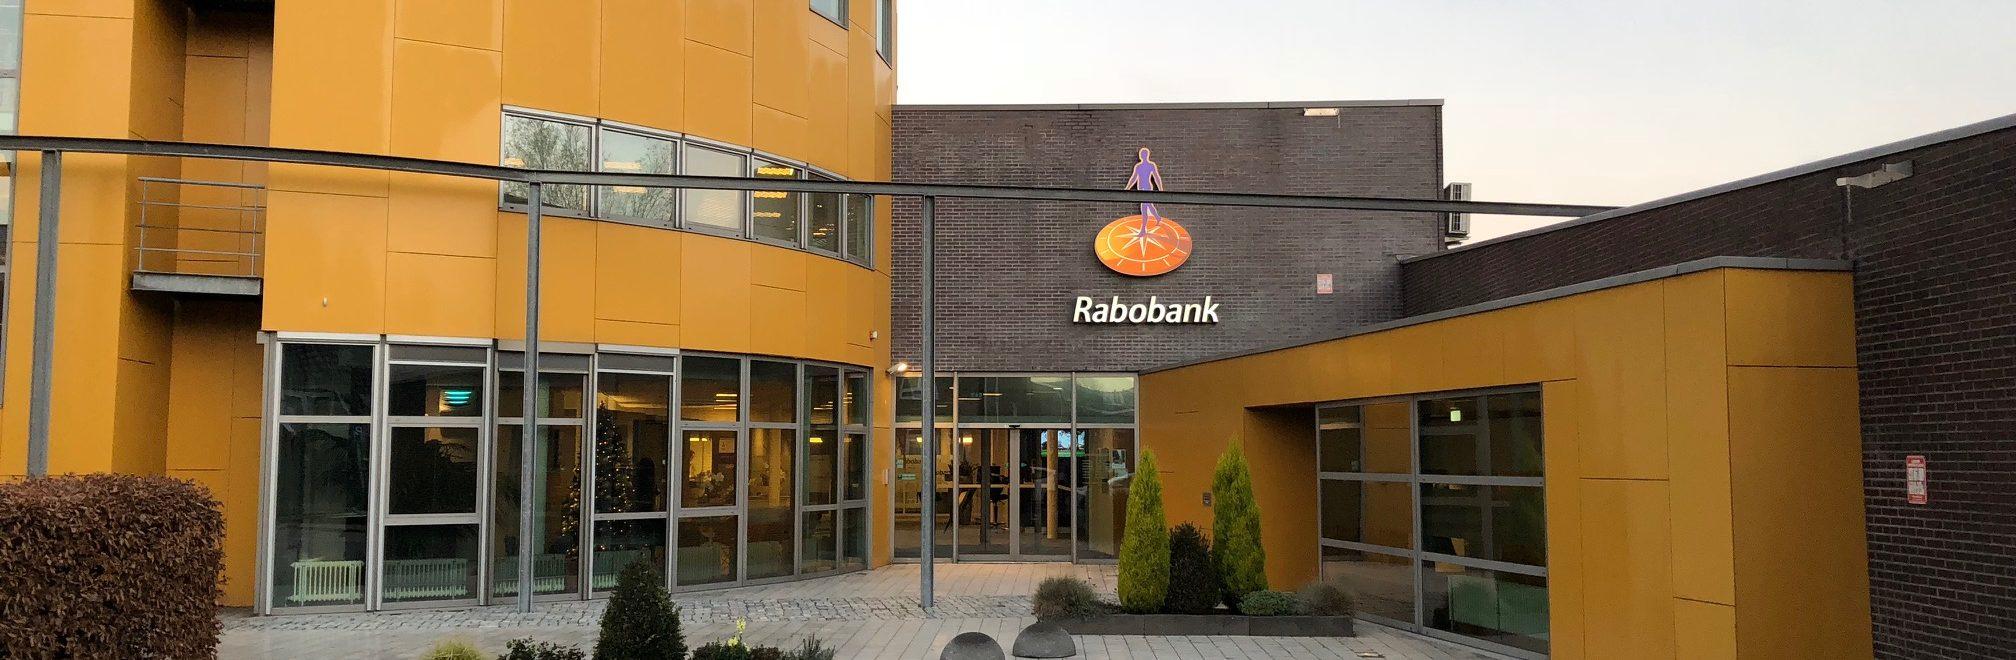 18047 Rabobank Voorne-Putten Rozenburg